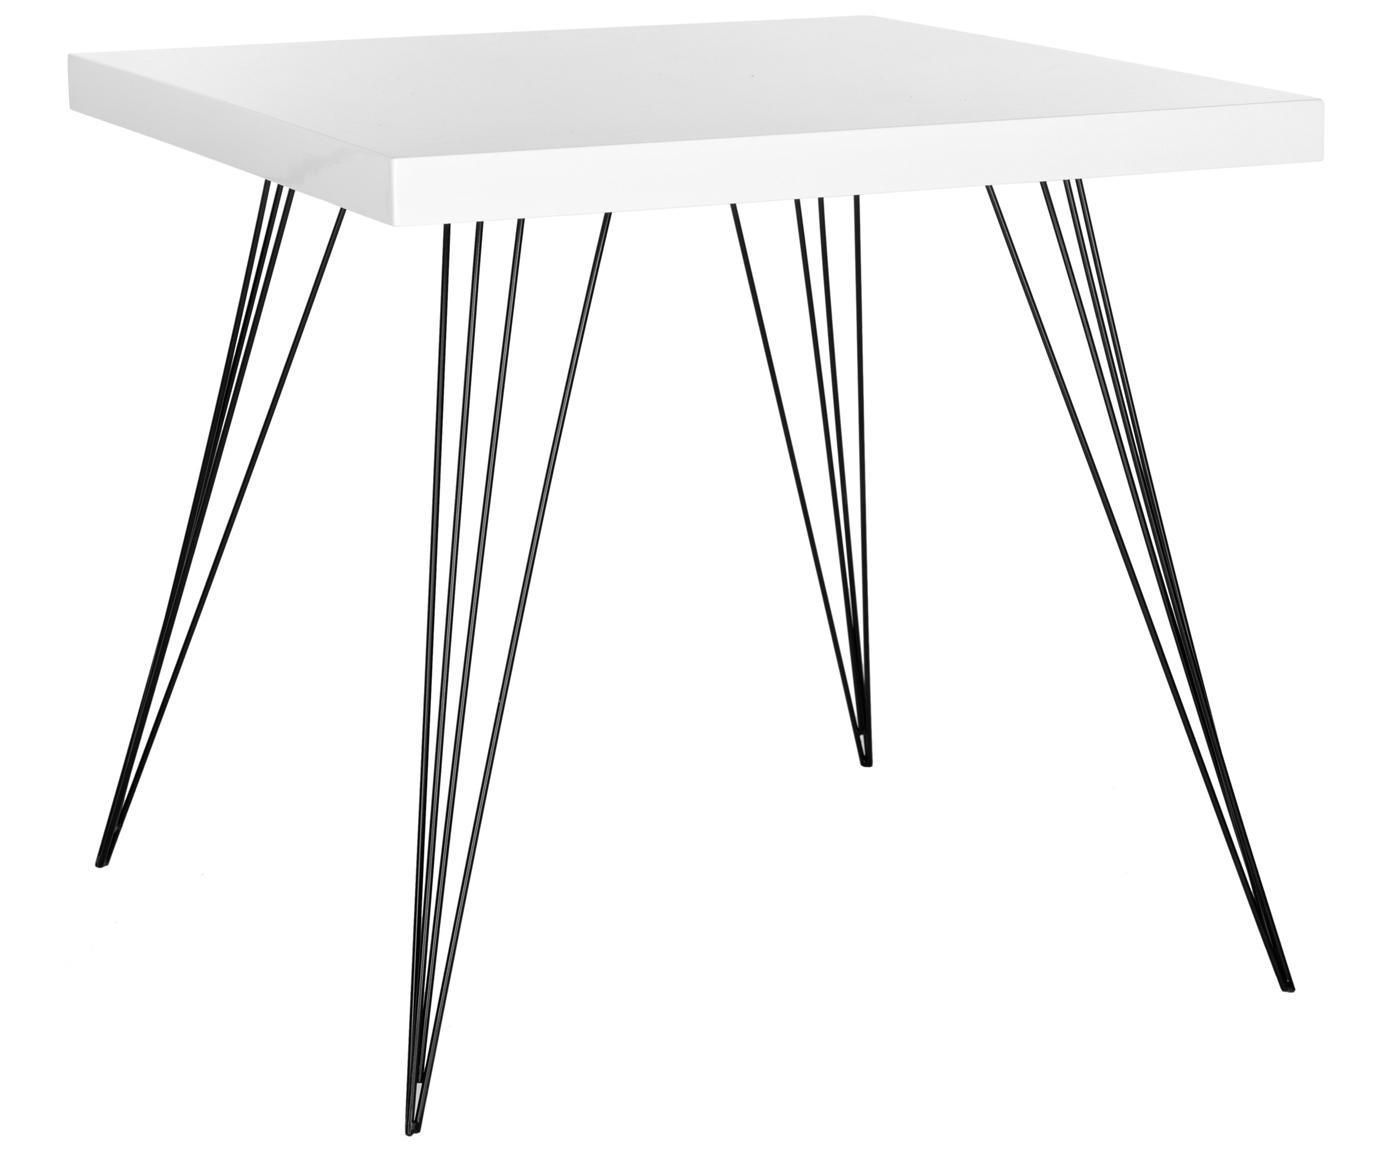 Kleiner quadratischer Esstisch Wolcott mit Metall-Beinen, Platte: Mitteldichte Holzfaserpla, Füße: Eisen, lackiert, Weiß, Schwarz, B 80 x T 80 cm